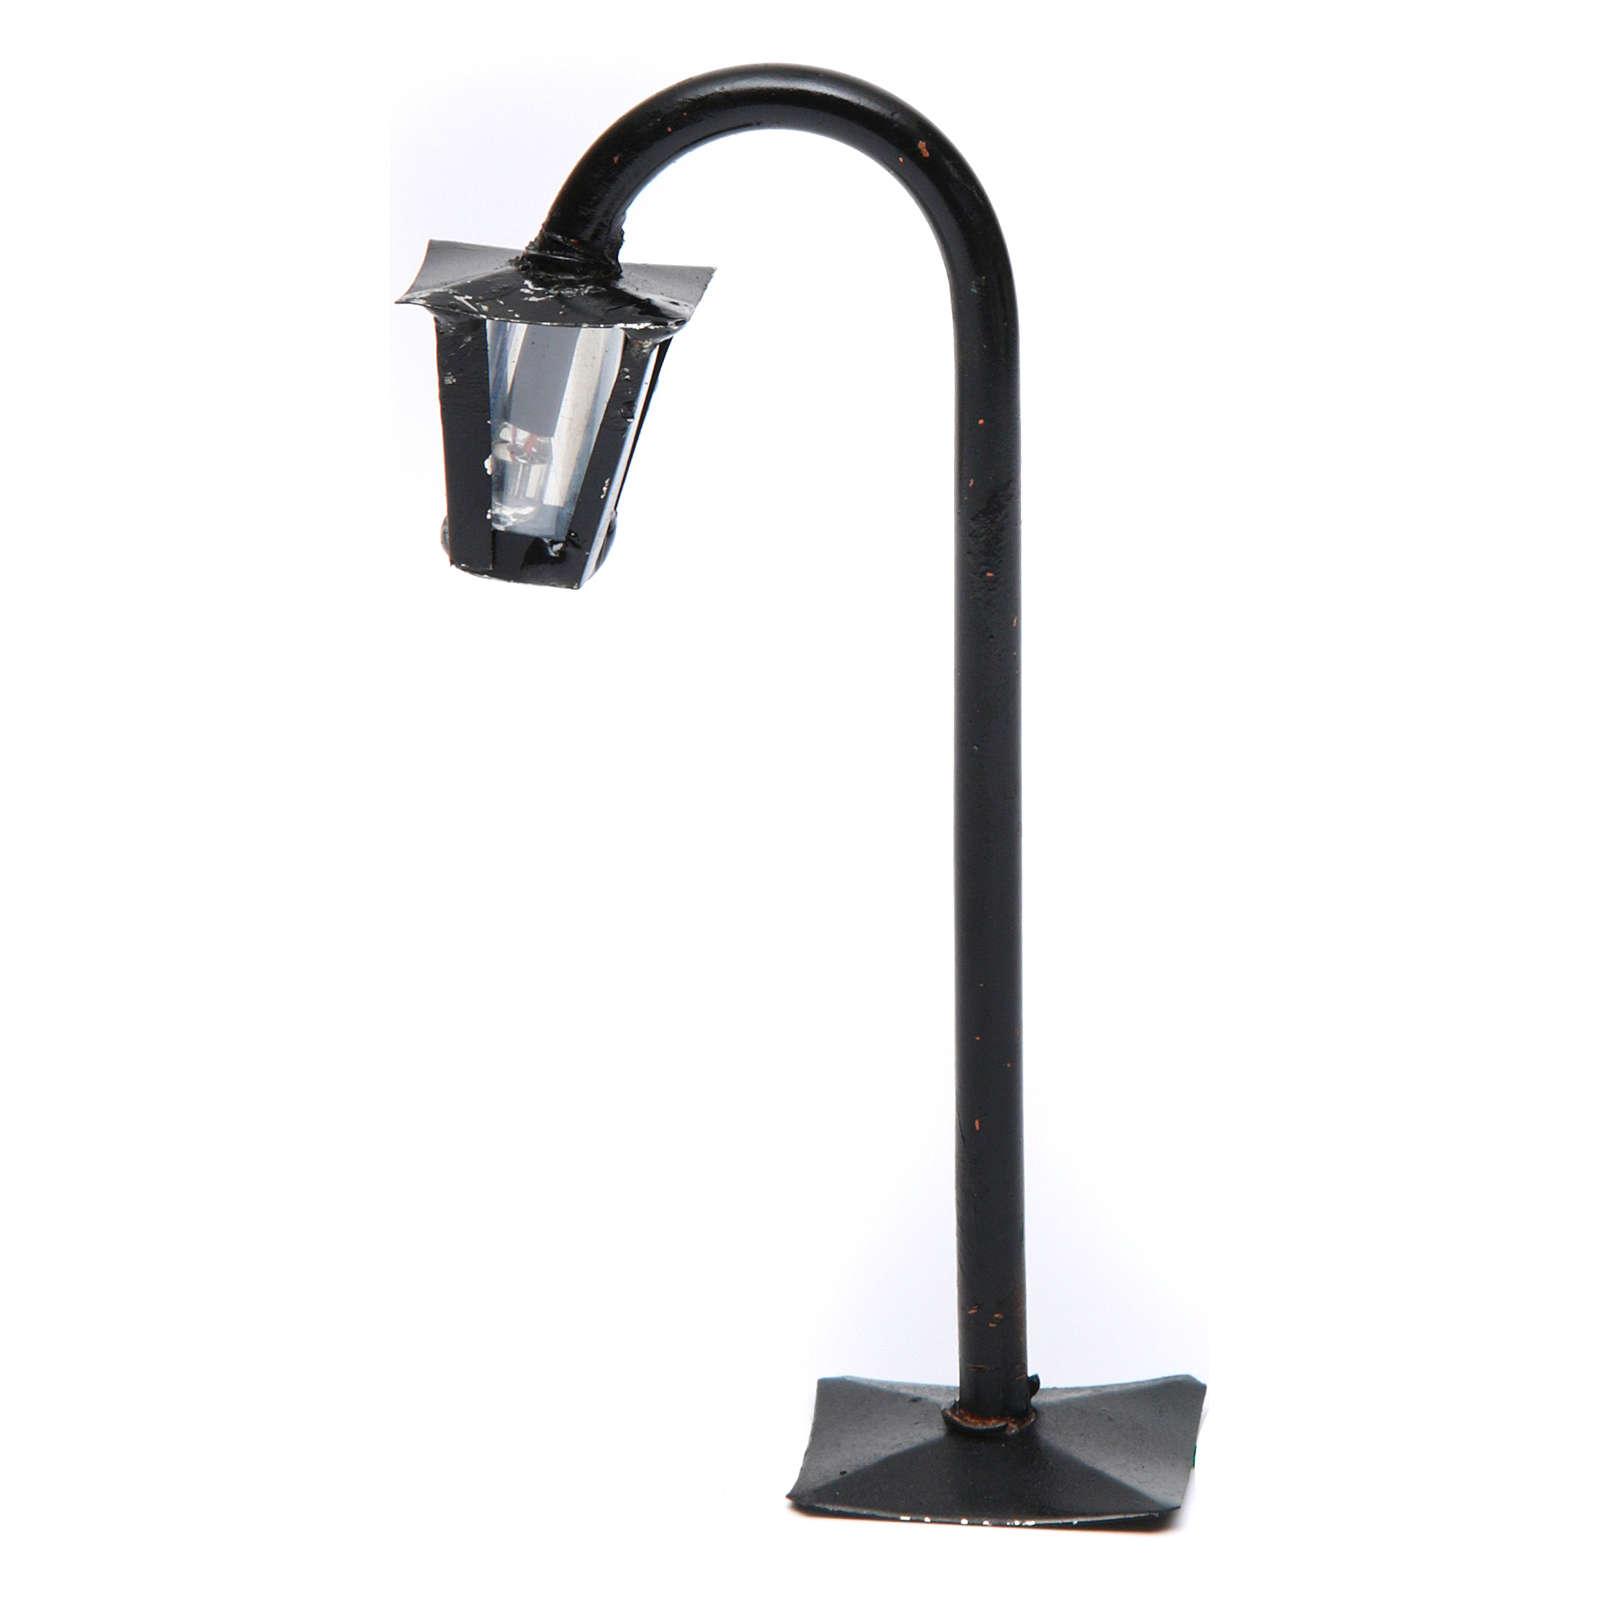 Lampione da strada curvo con lanterna h reale 13 cm presepe Napoli - 12V 4